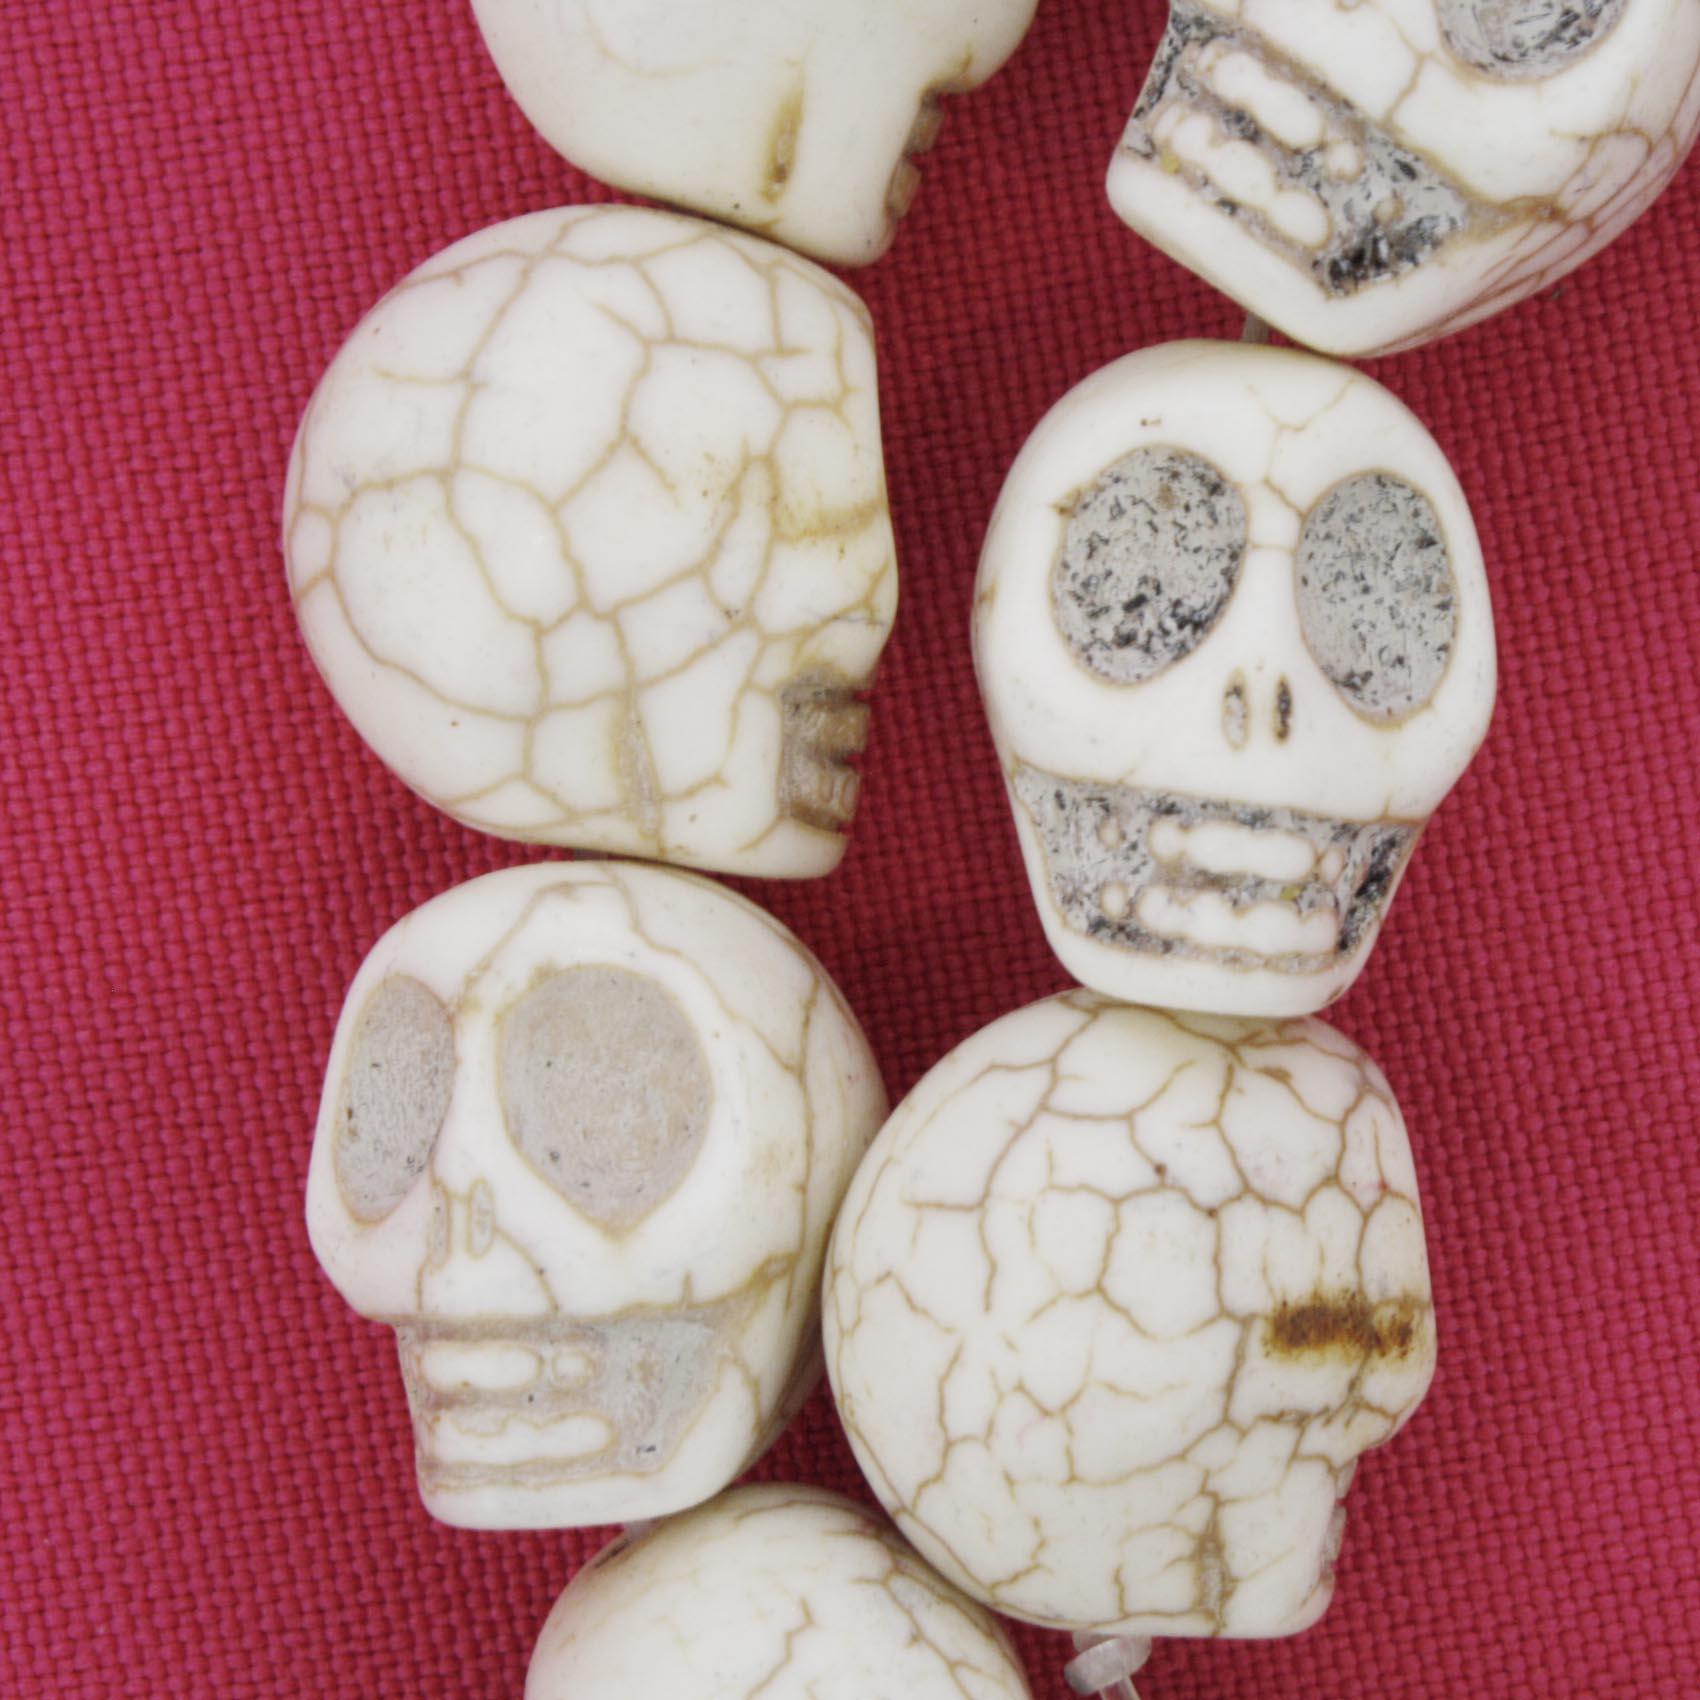 Fio de Caveira de Pedra - Branca - Média - 18x15mm  - Stéphanie Bijoux® - Peças para Bijuterias e Artesanato